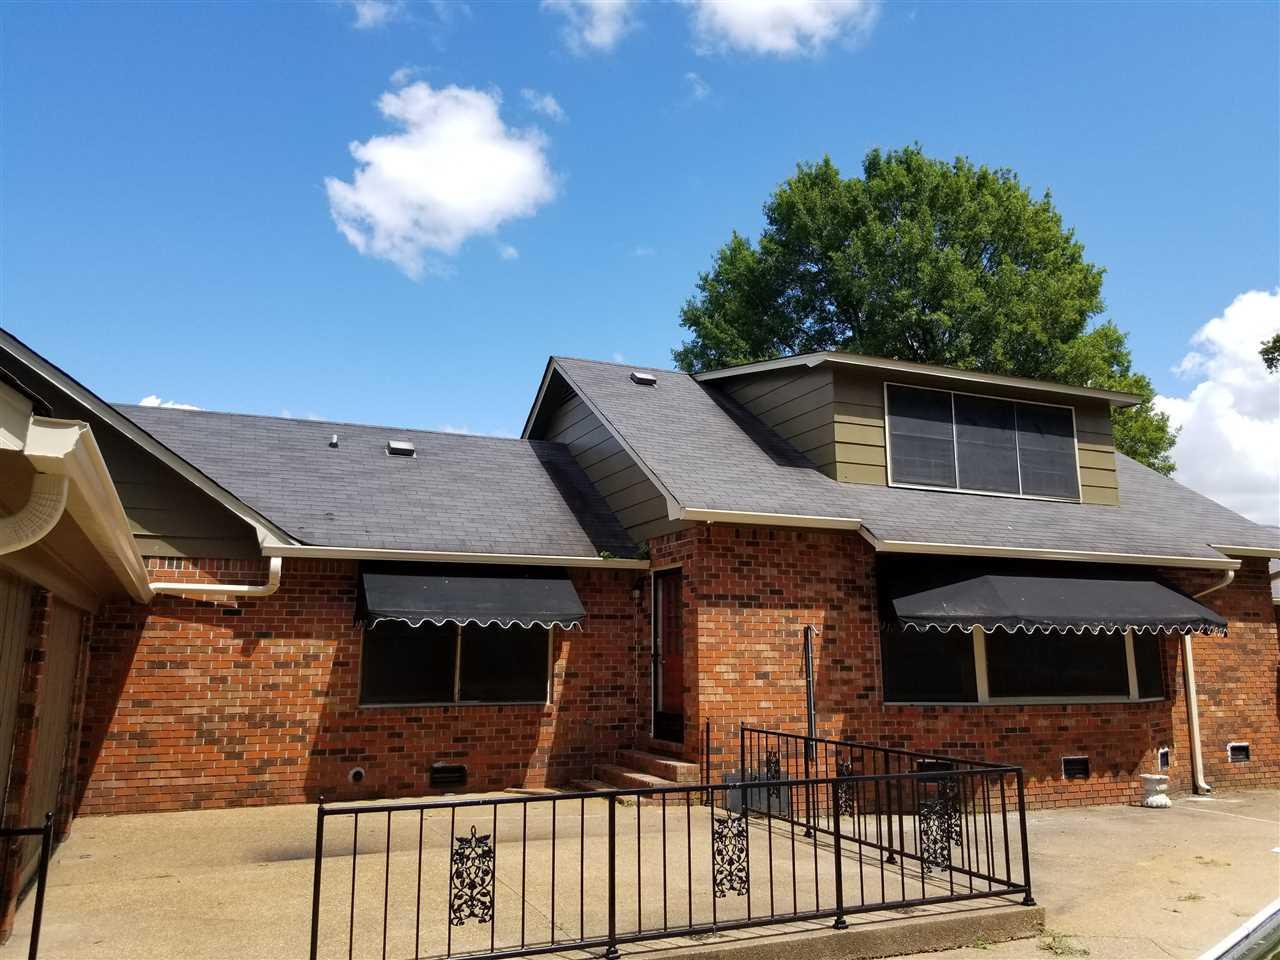 103 Dixie Brownsville, TN 38012 - MLS #: 10006161